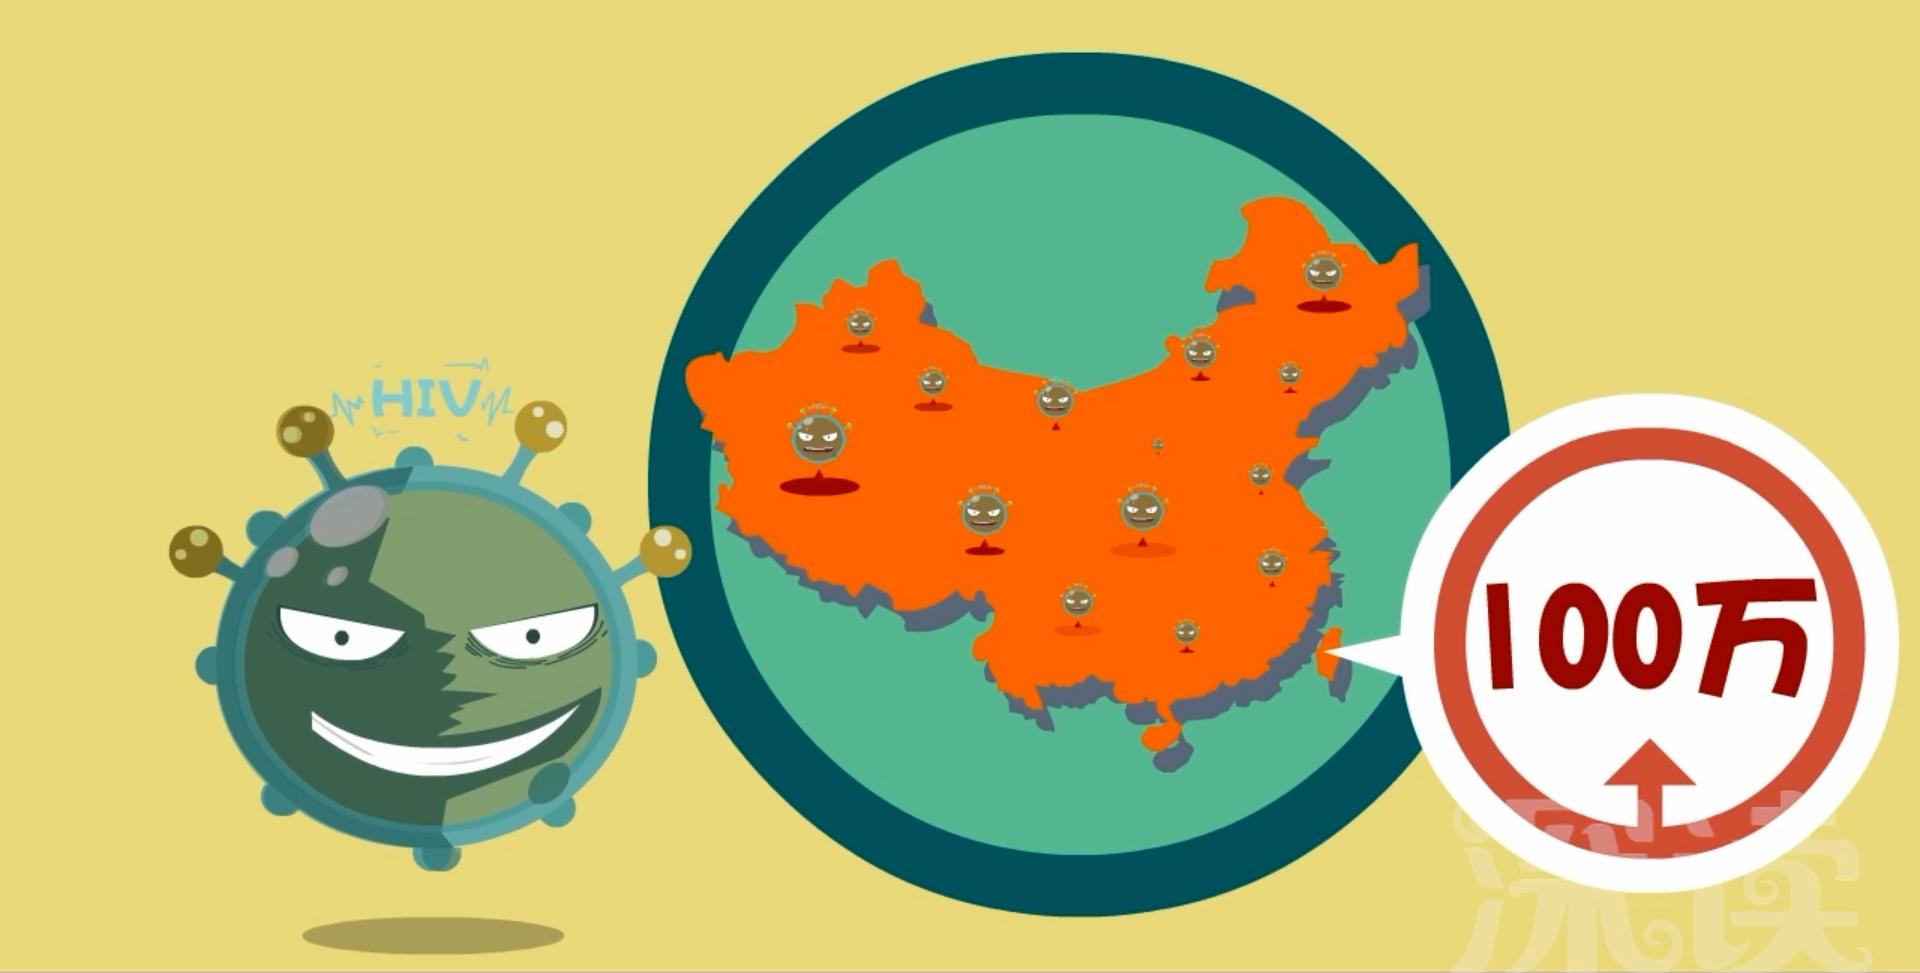 中国艾滋病人多吗_中国感染HIV病毒总人数已超过100万,最全19禁艾滋病知识 - 知乎